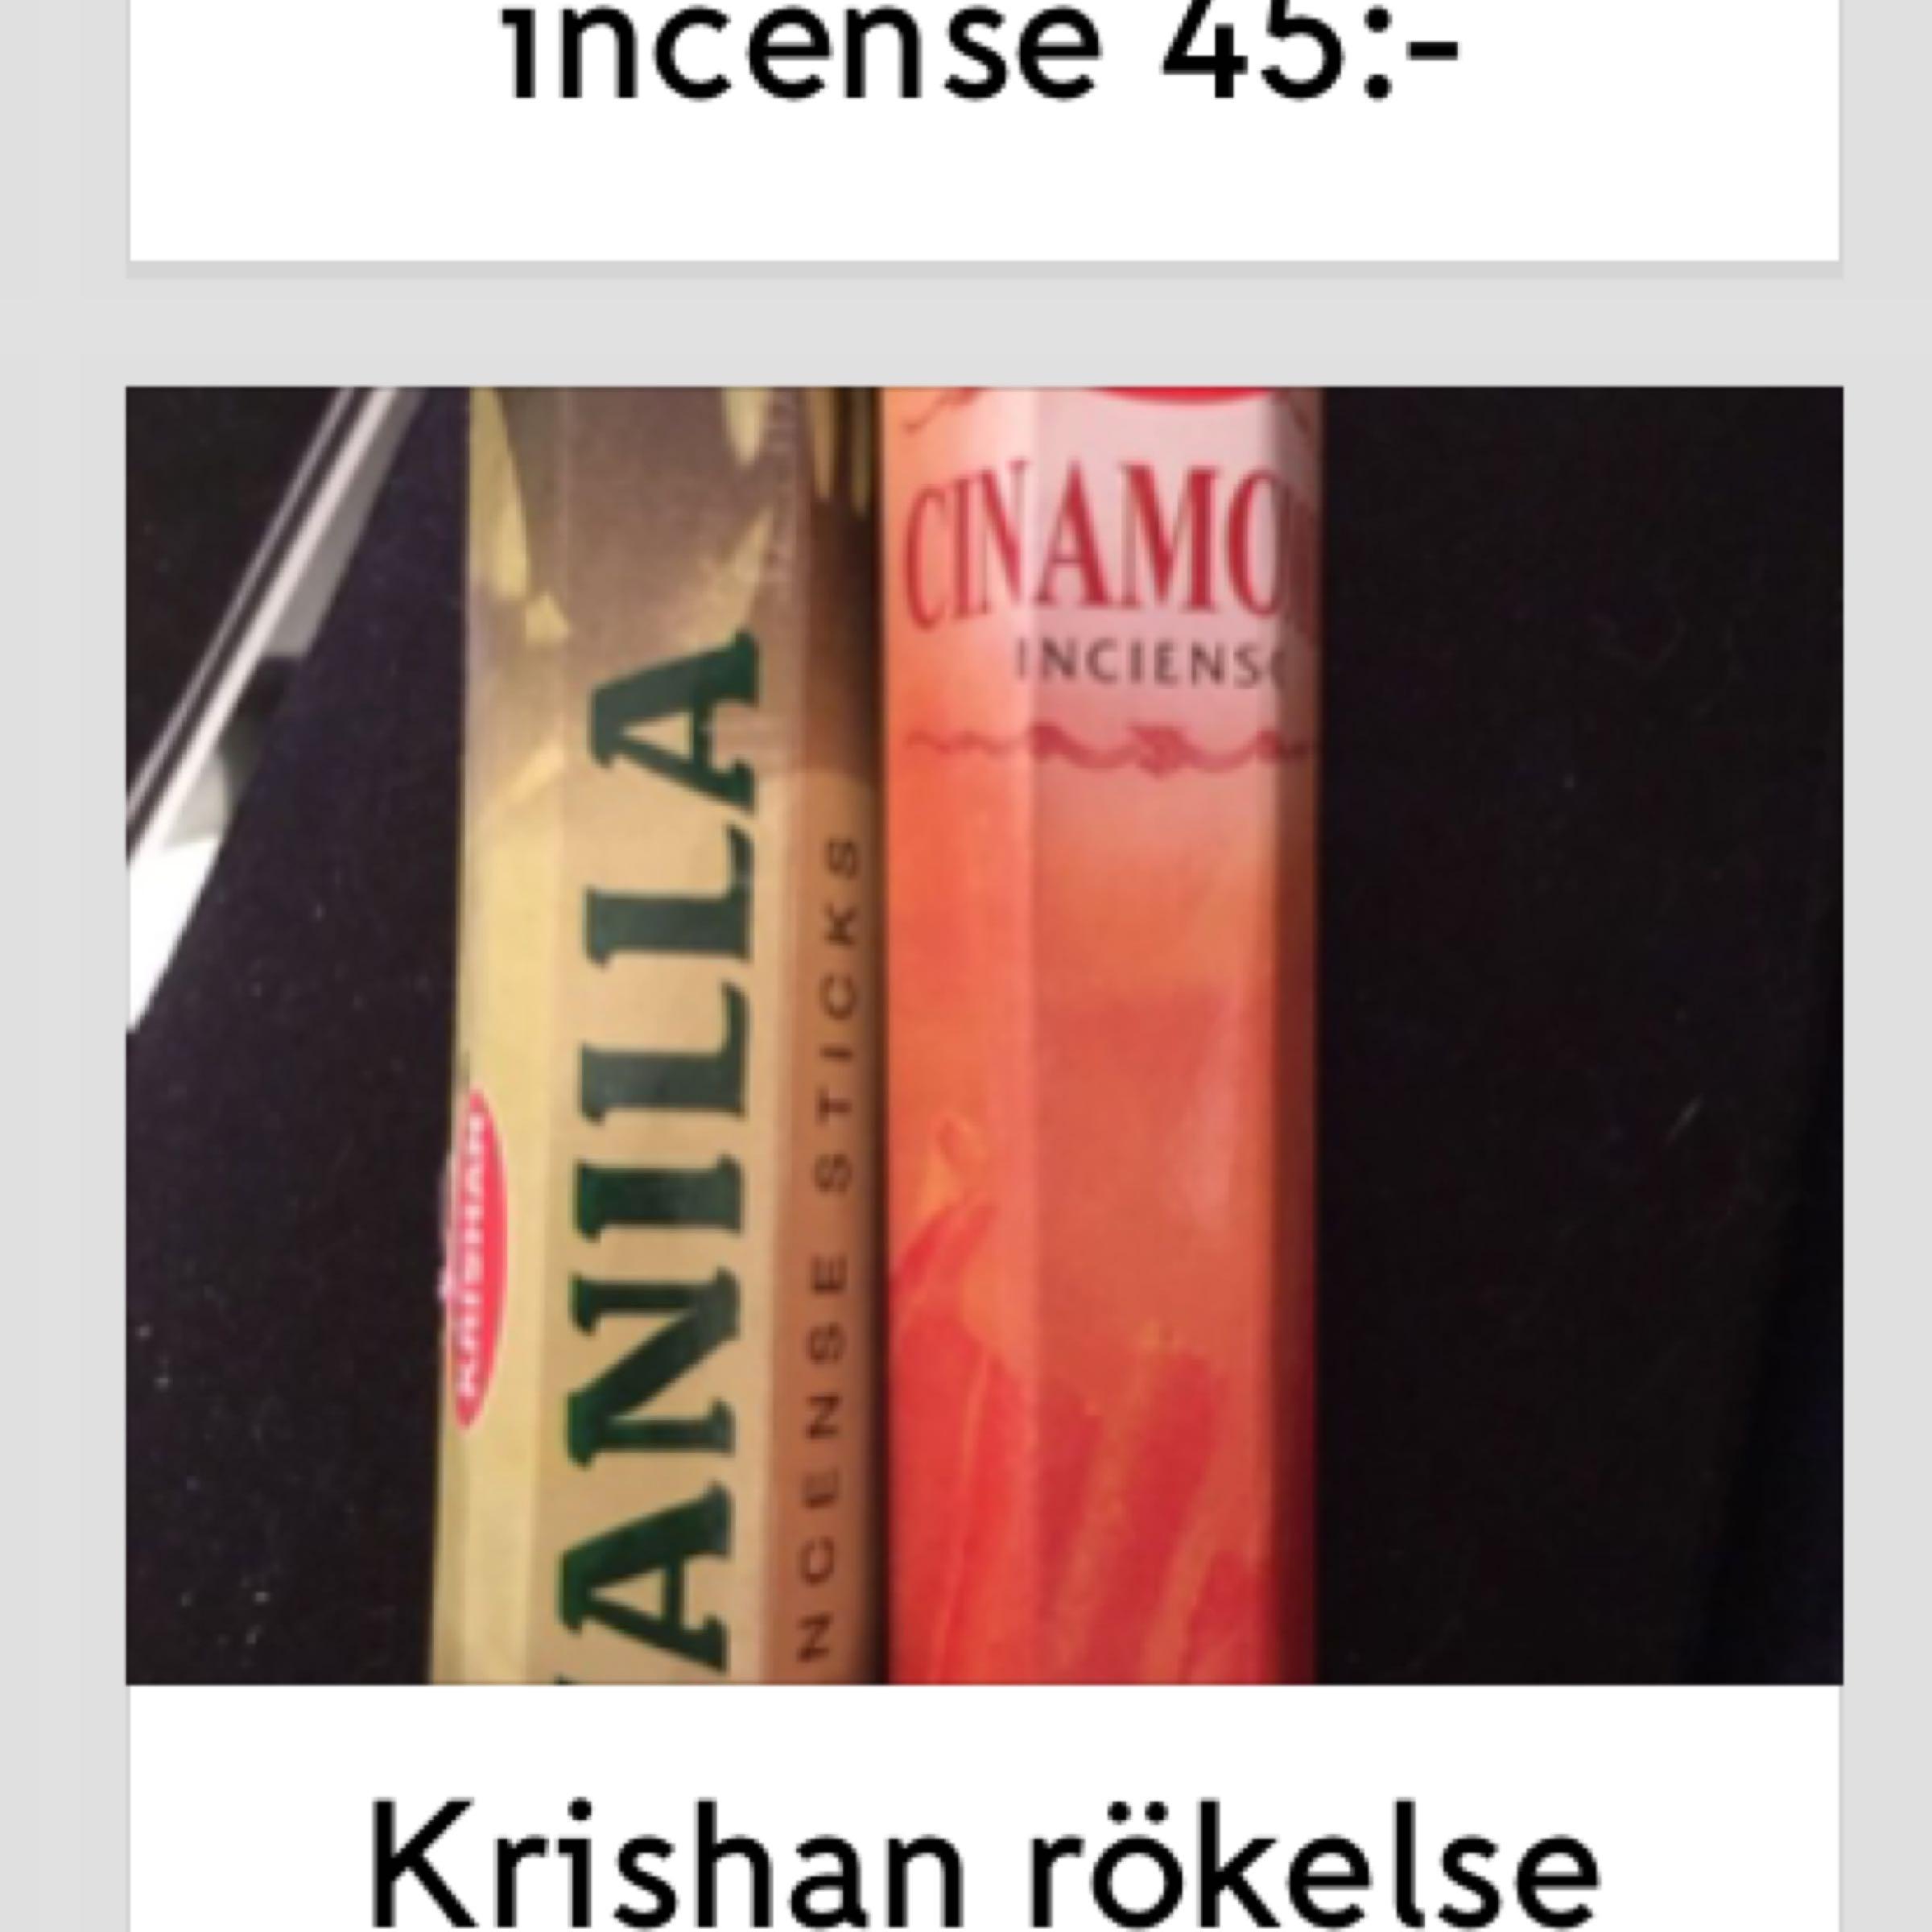 Krishan rökelse 34:-